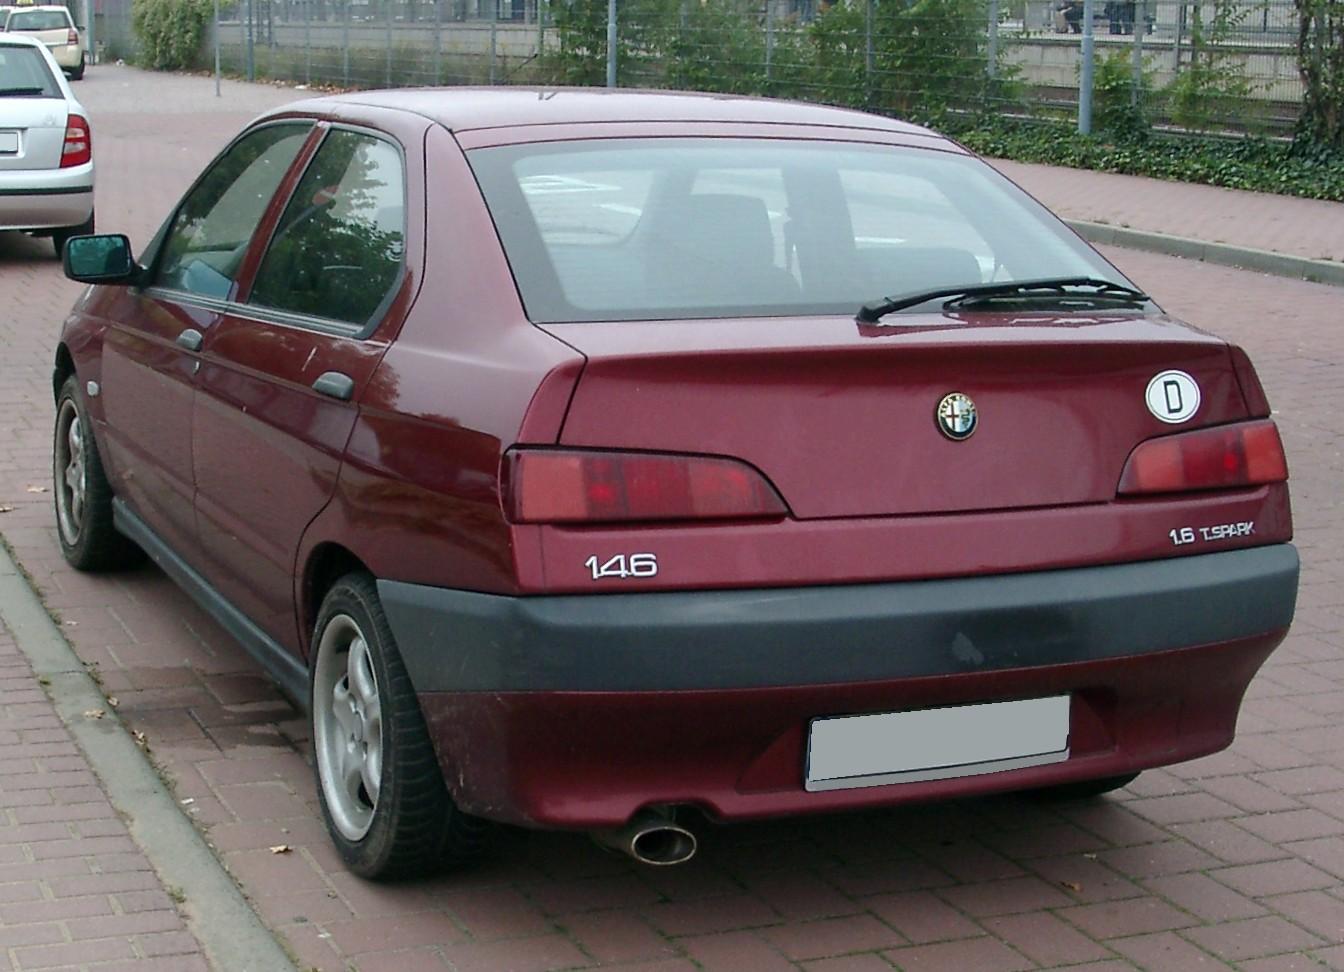 File:Alfa 146 rear 20071012.jpg